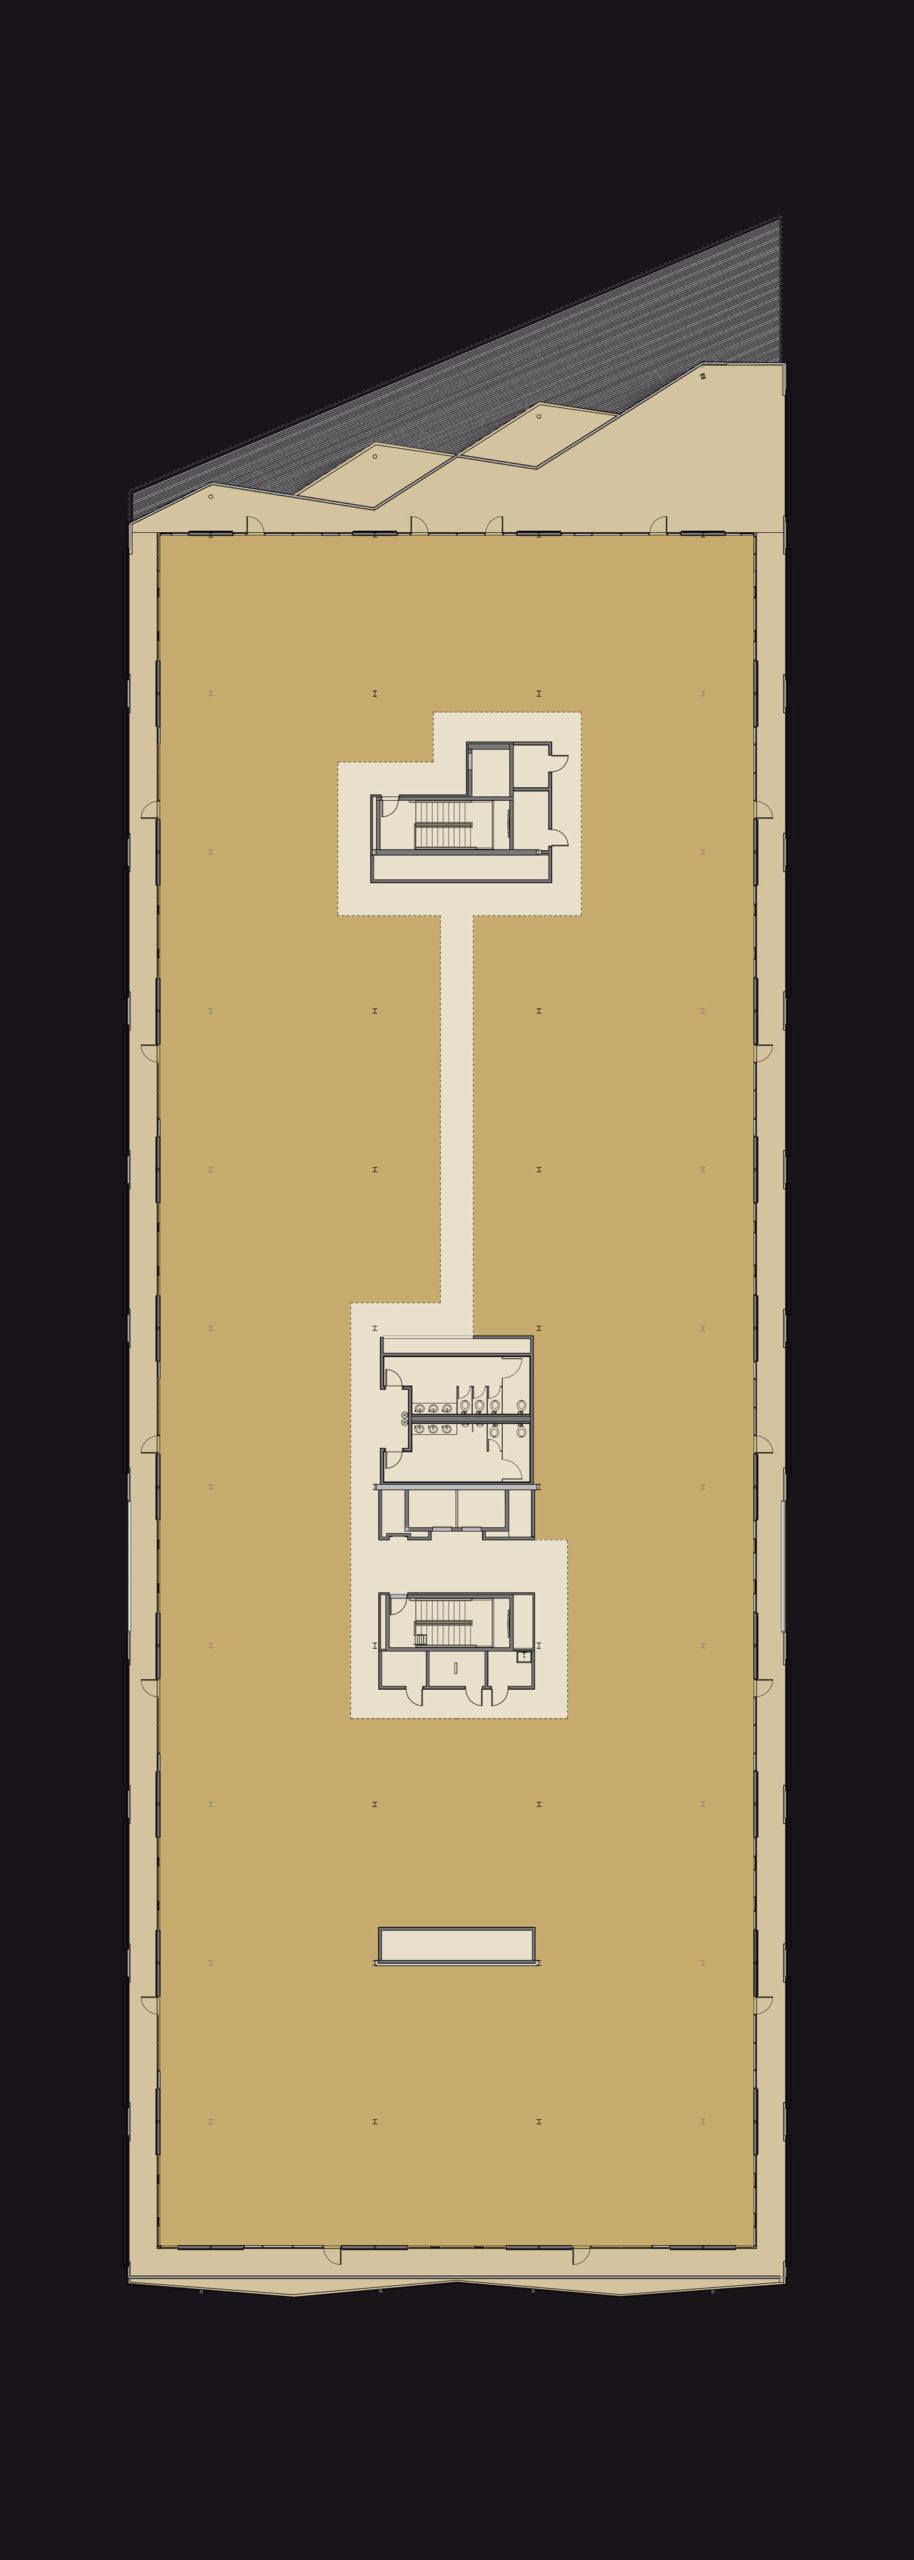 Leasing-Floor-Plans-20200322.3